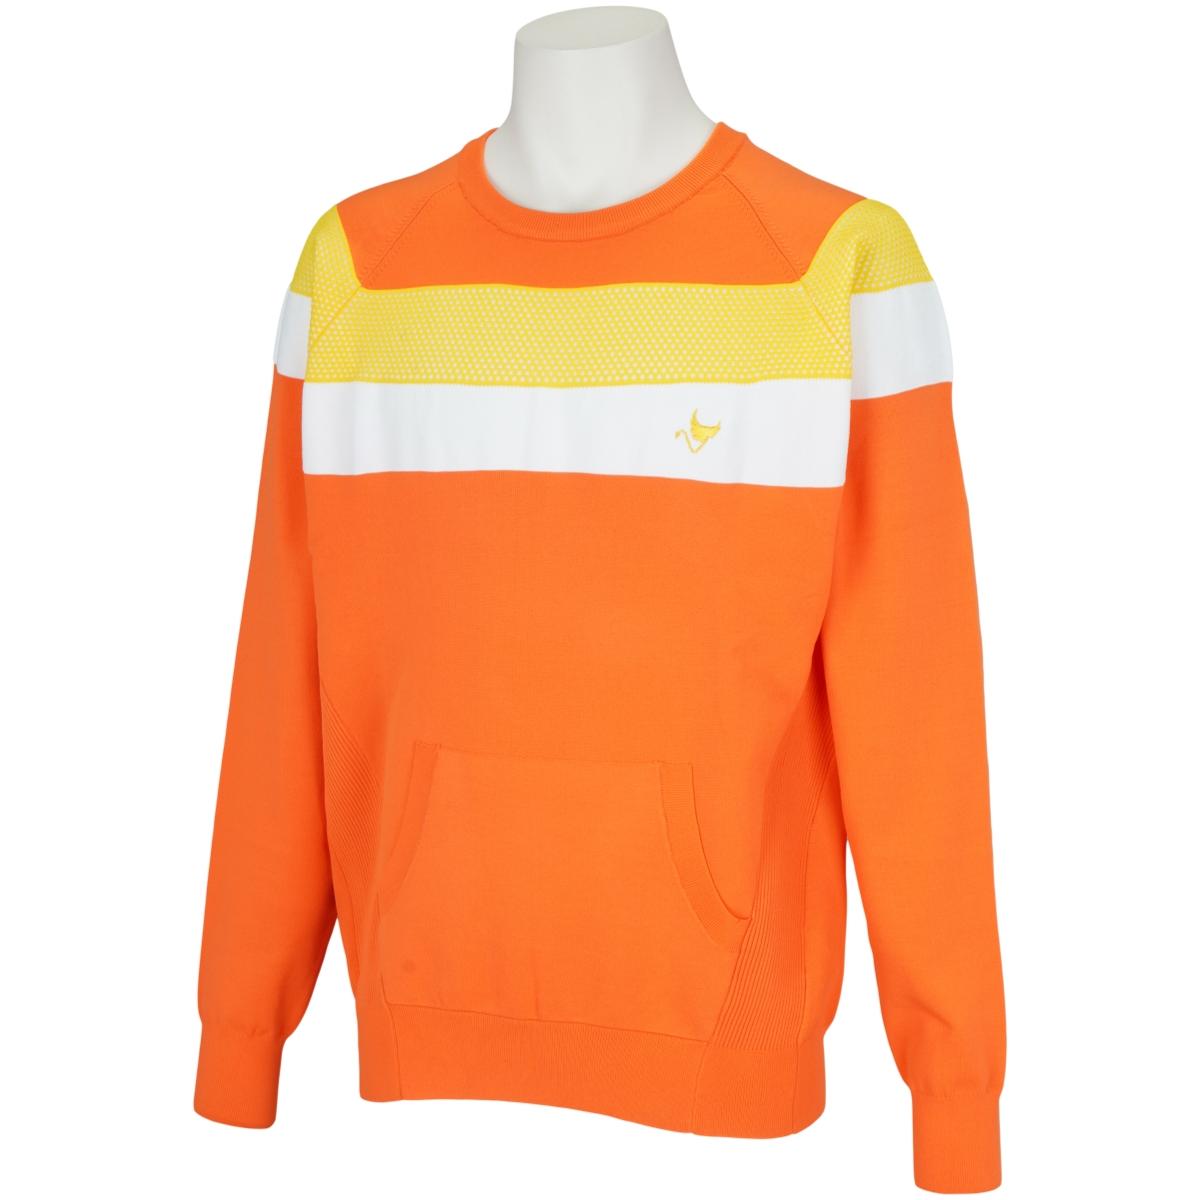 クールニットセーター